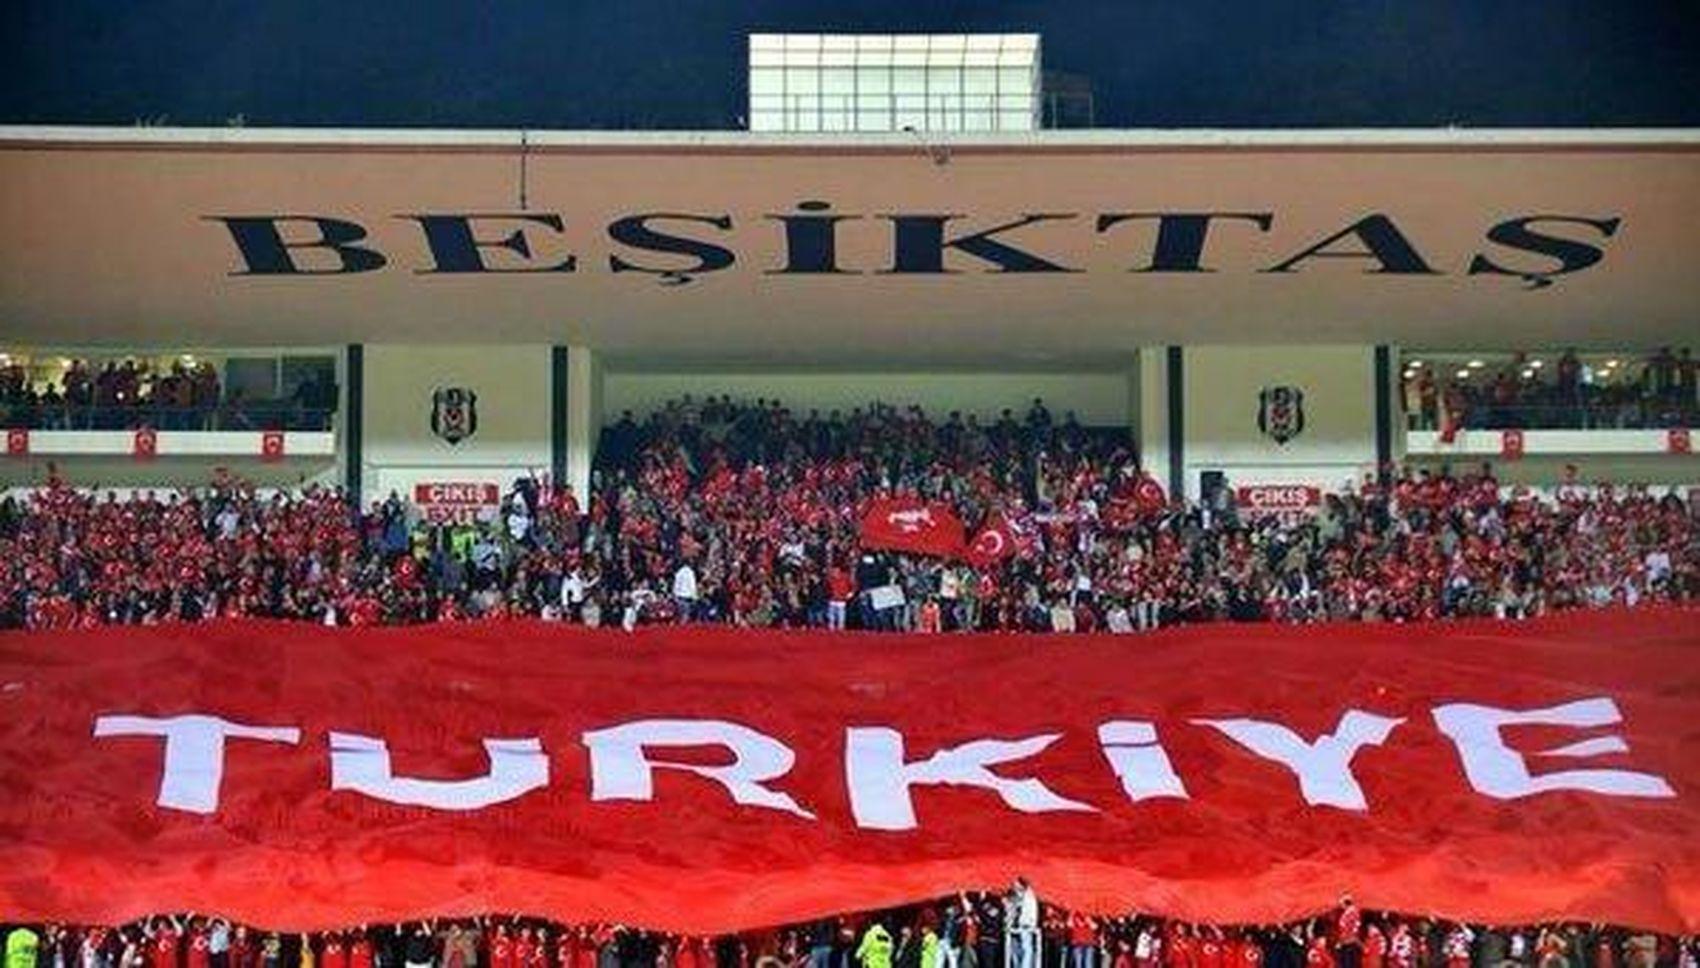 Bu ülke Vatan Millet Cumhuriyet Birlikberaberlik te gözü olanın hainlik yapan 7 den 70 e kim varsa KIZ BACISINI SİKİYİM Orospucocukları şehitlerölmez Vatanbölünmez Türkiye